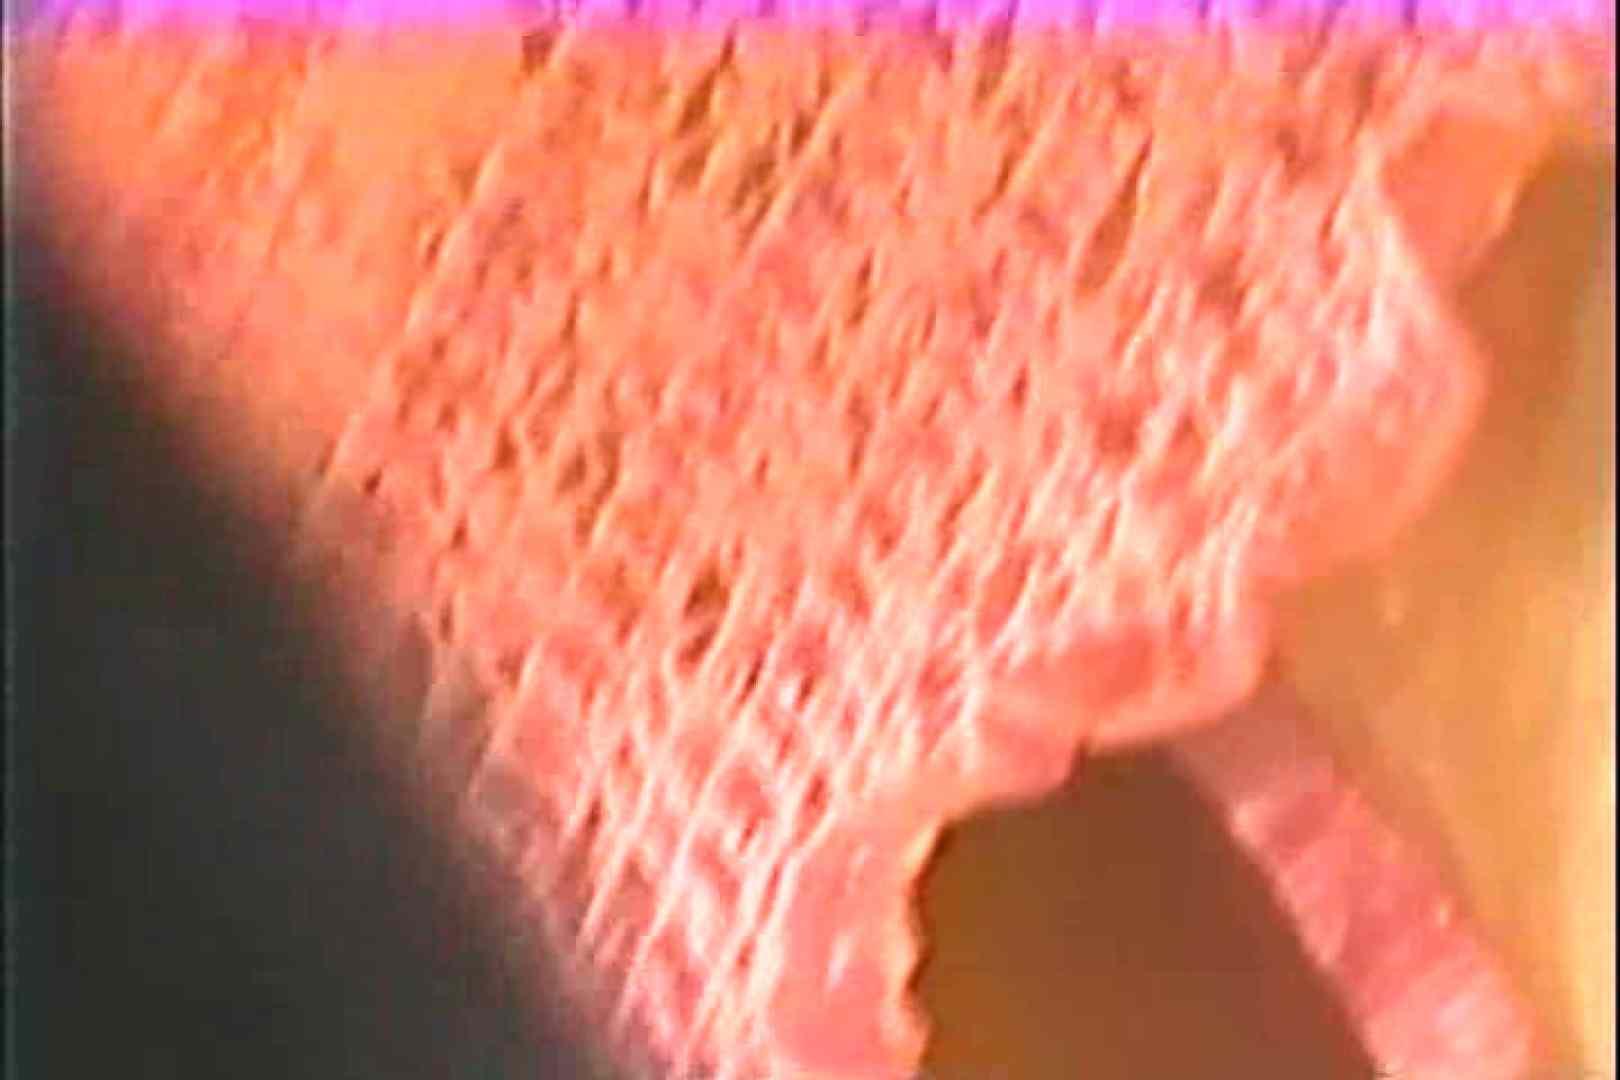 「ちくりん」さんのオリジナル未編集パンチラVol.3_01 OLセックス 隠し撮りオマンコ動画紹介 100画像 50